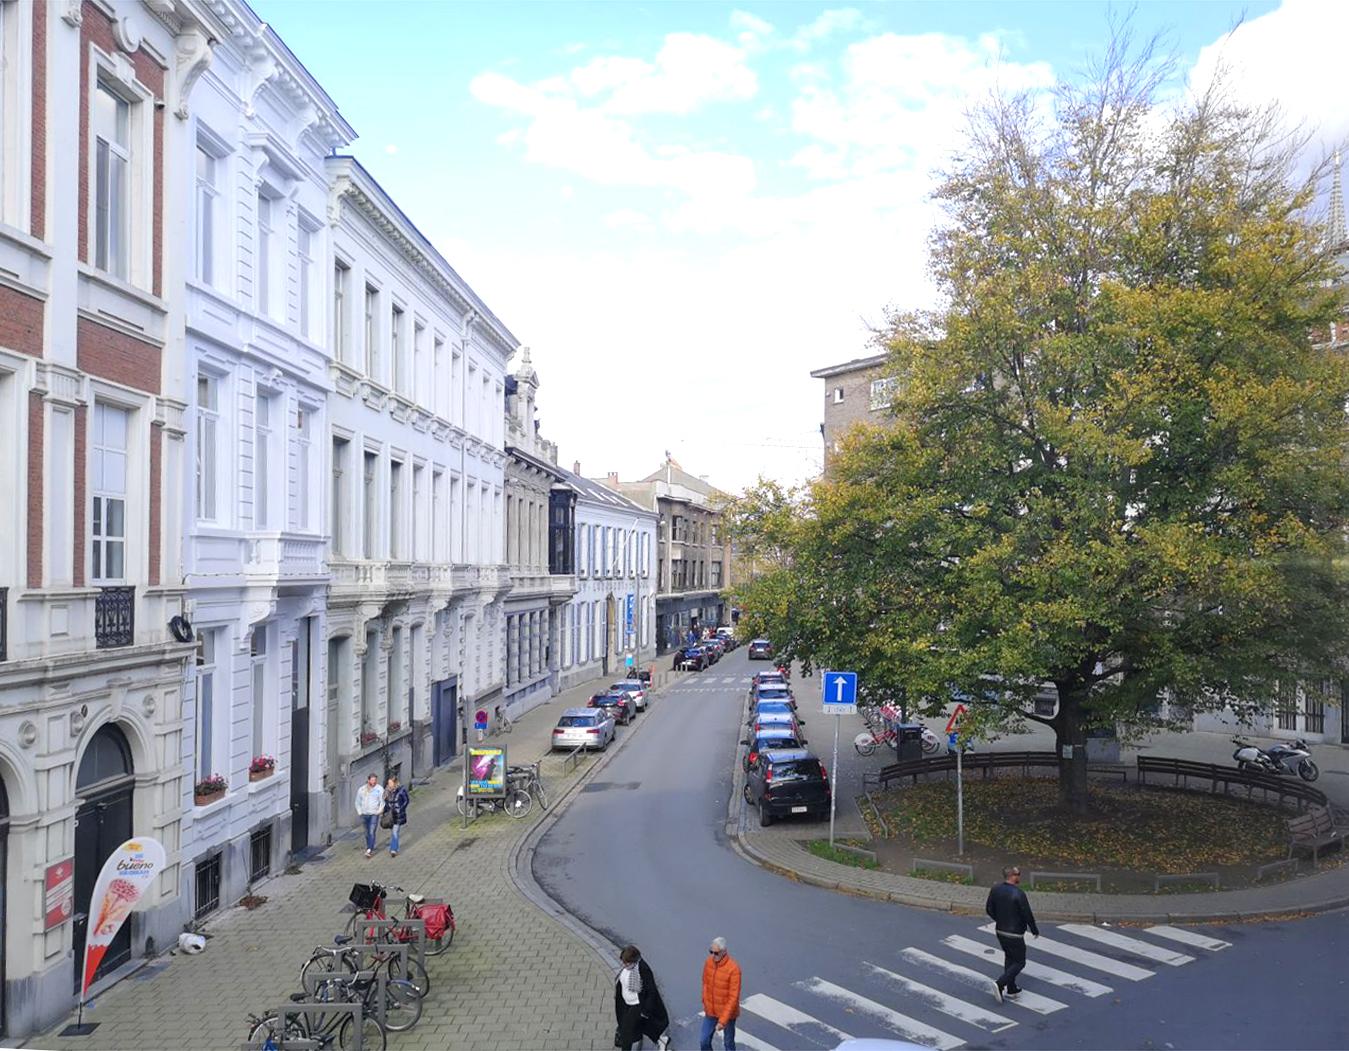 zicht in de straat